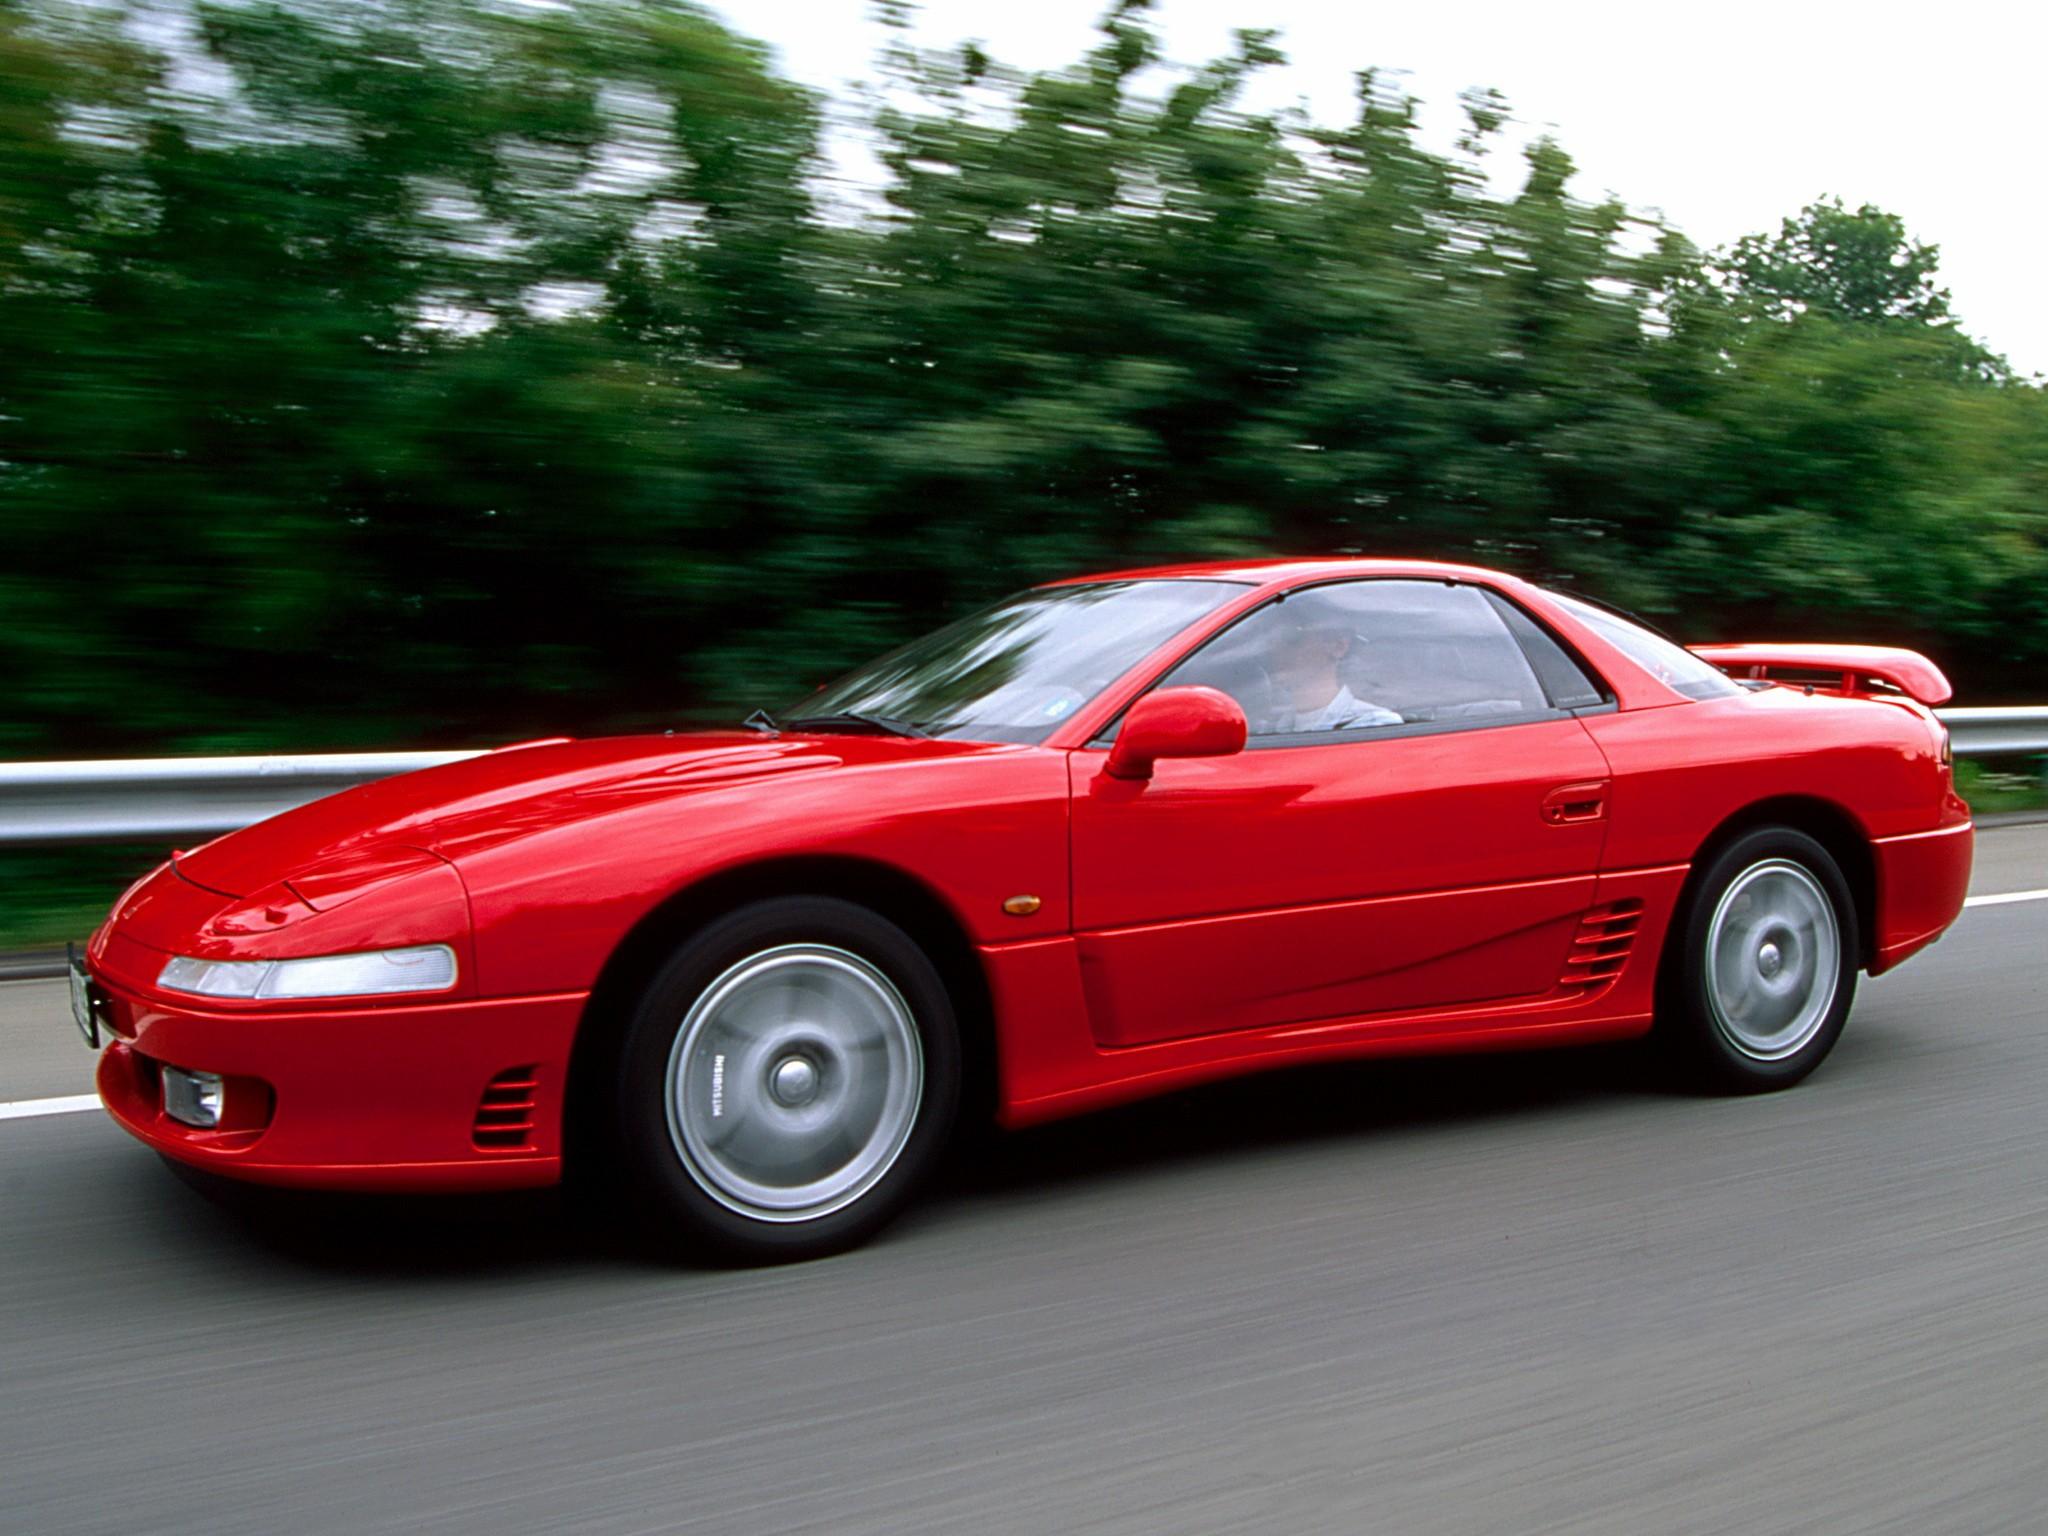 MITSUBISHI 3000 GT - 1990, 1991, 1992, 1993 - autoevolution